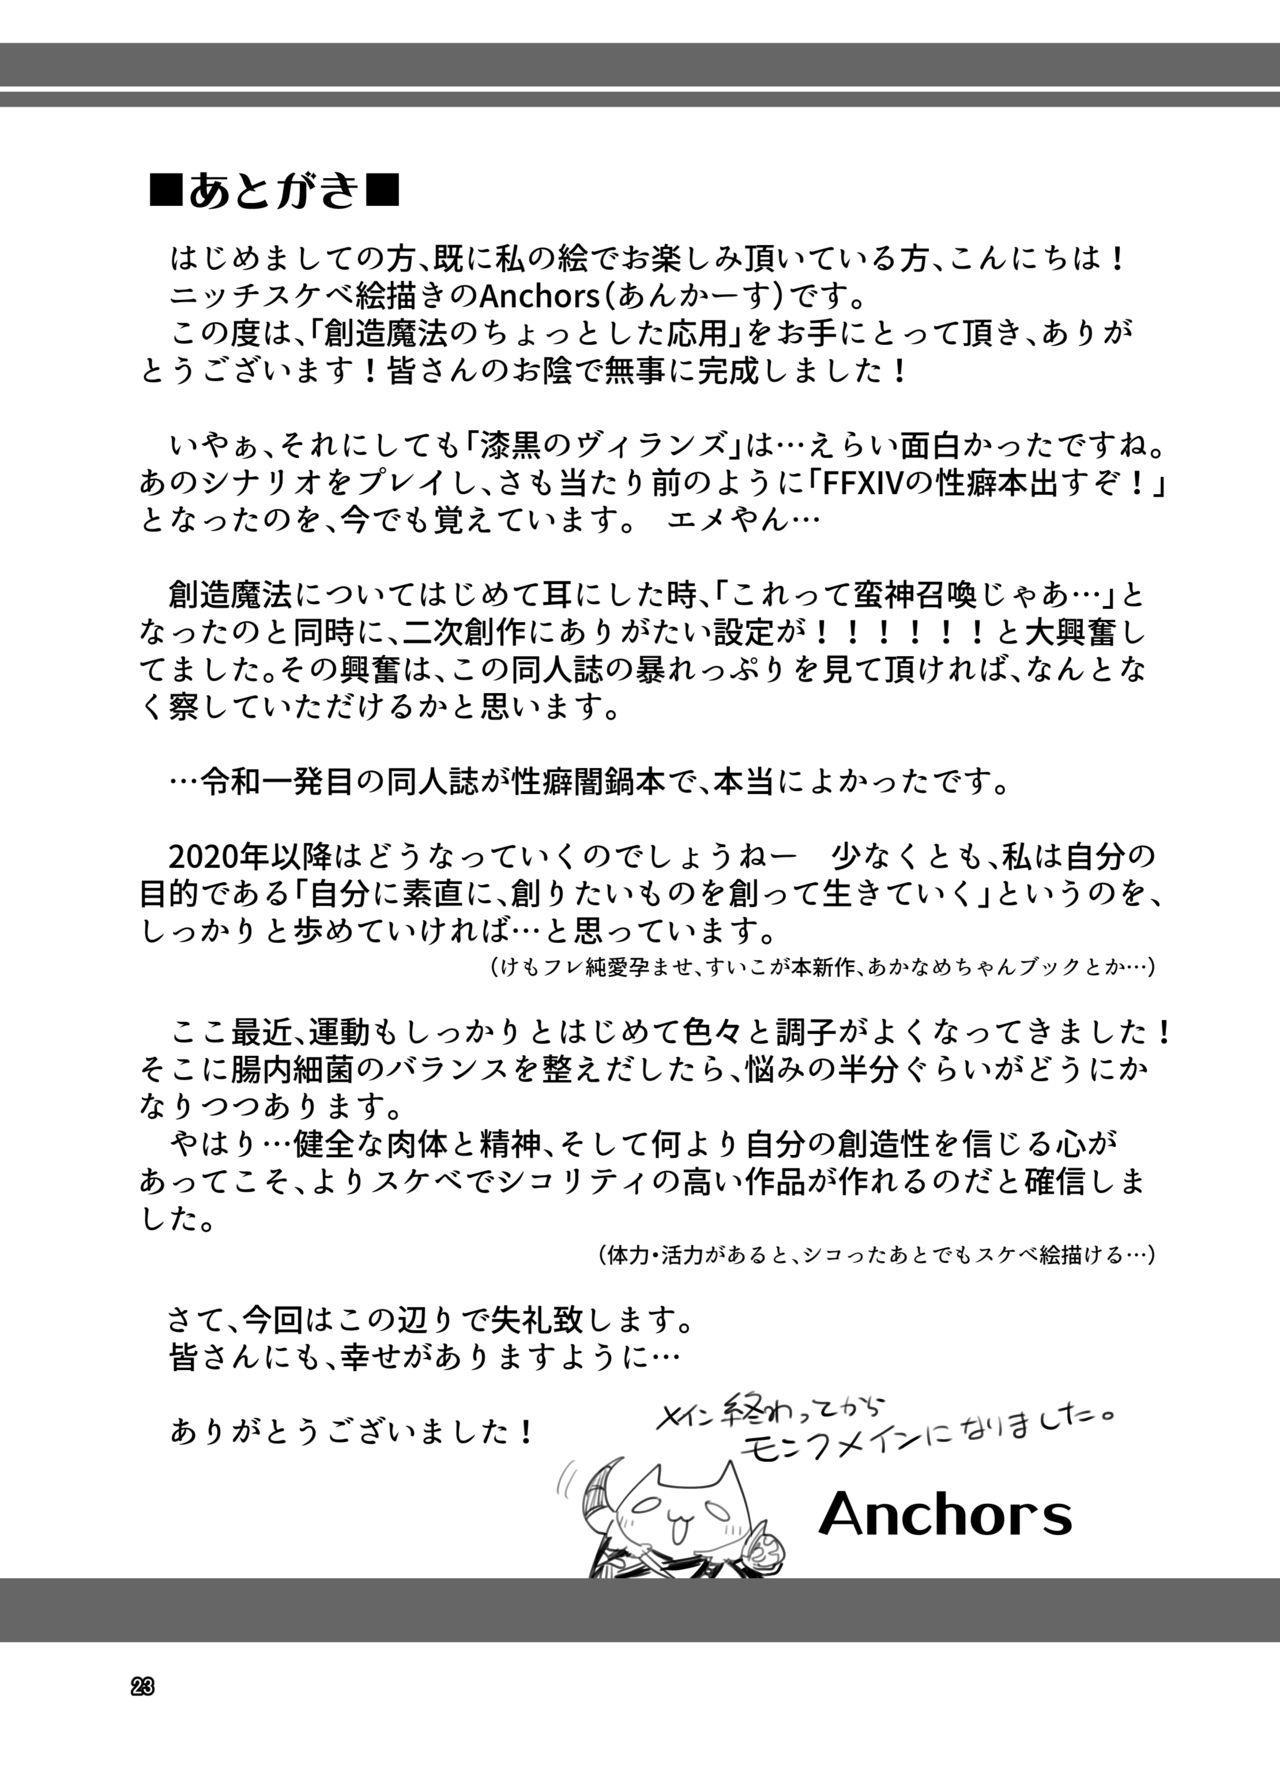 Souzou Mahou no Chottoshita Ouyou 22